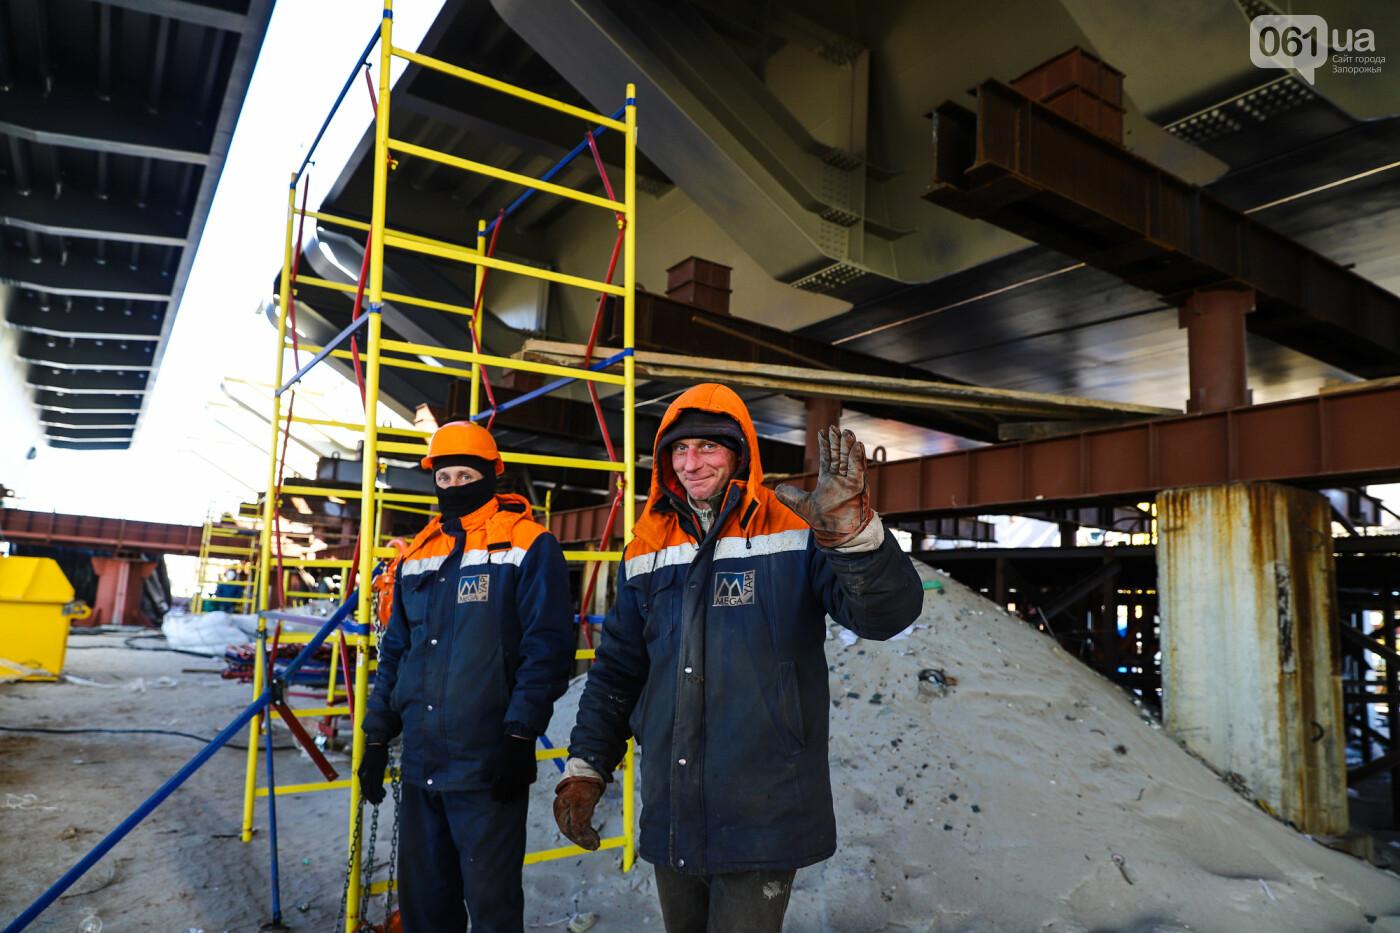 Кран с иностранной пропиской, ванты и металл: строительство запорожских мостов в фотографиях, фото-8